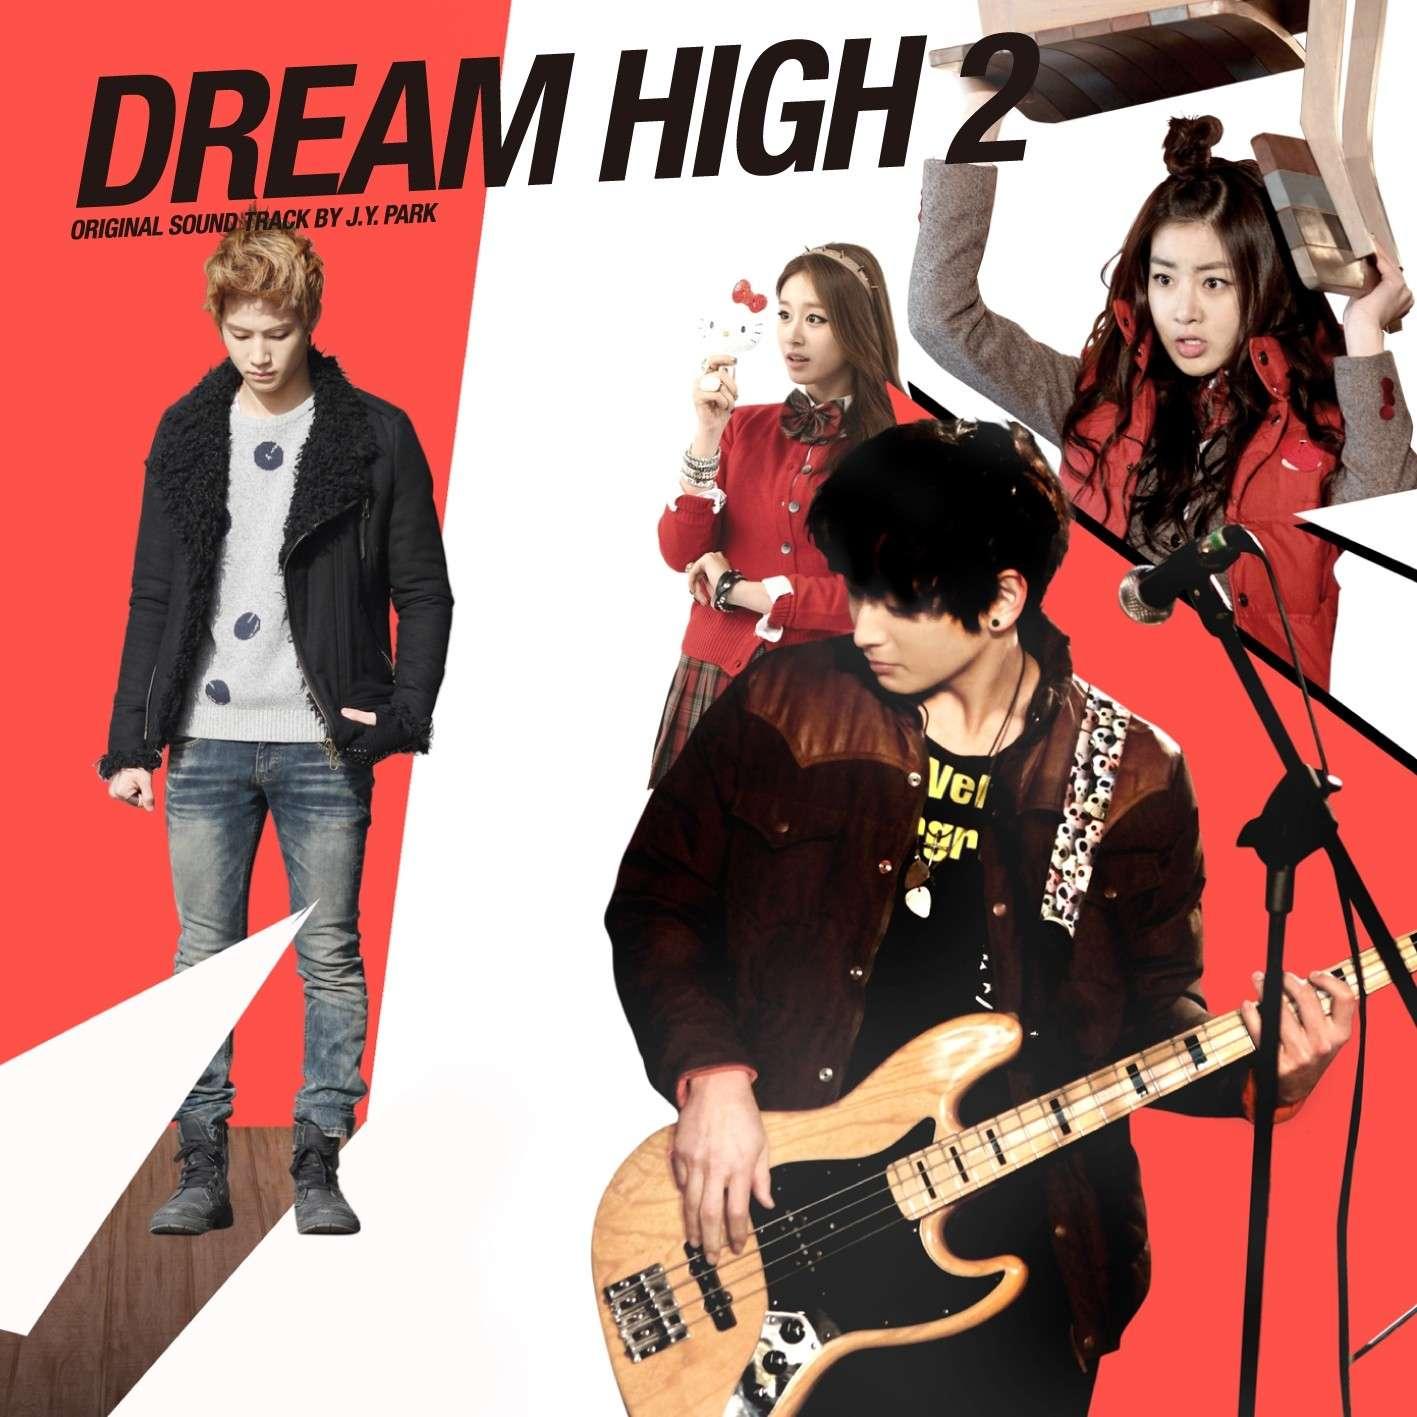 [Album] V.A. - Dream High 2 OST